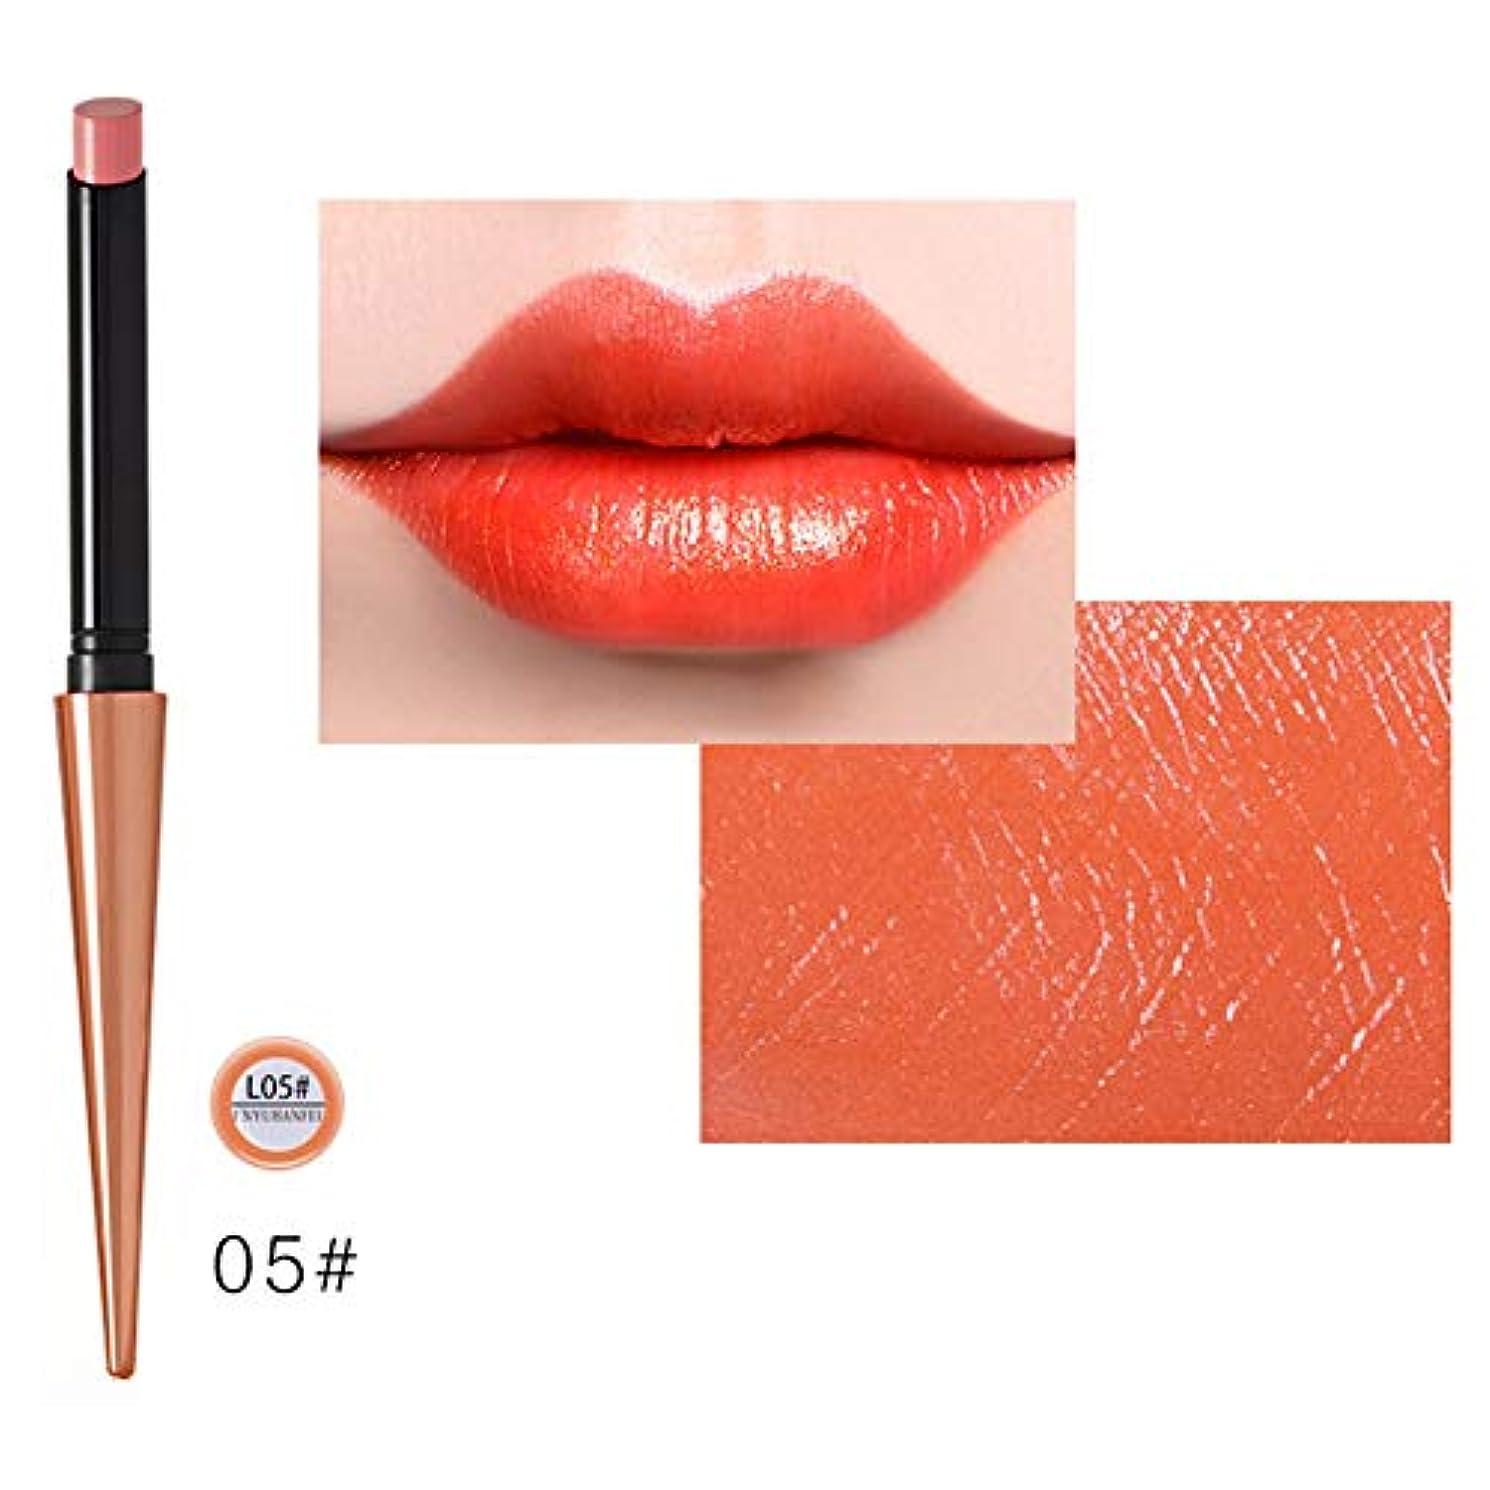 ブラシ呪われた旅口紅 リップマット リップティント リップスティック リップグロス つや消し 防水 長続き 唇の化粧品 化粧品 10色 Cutelove